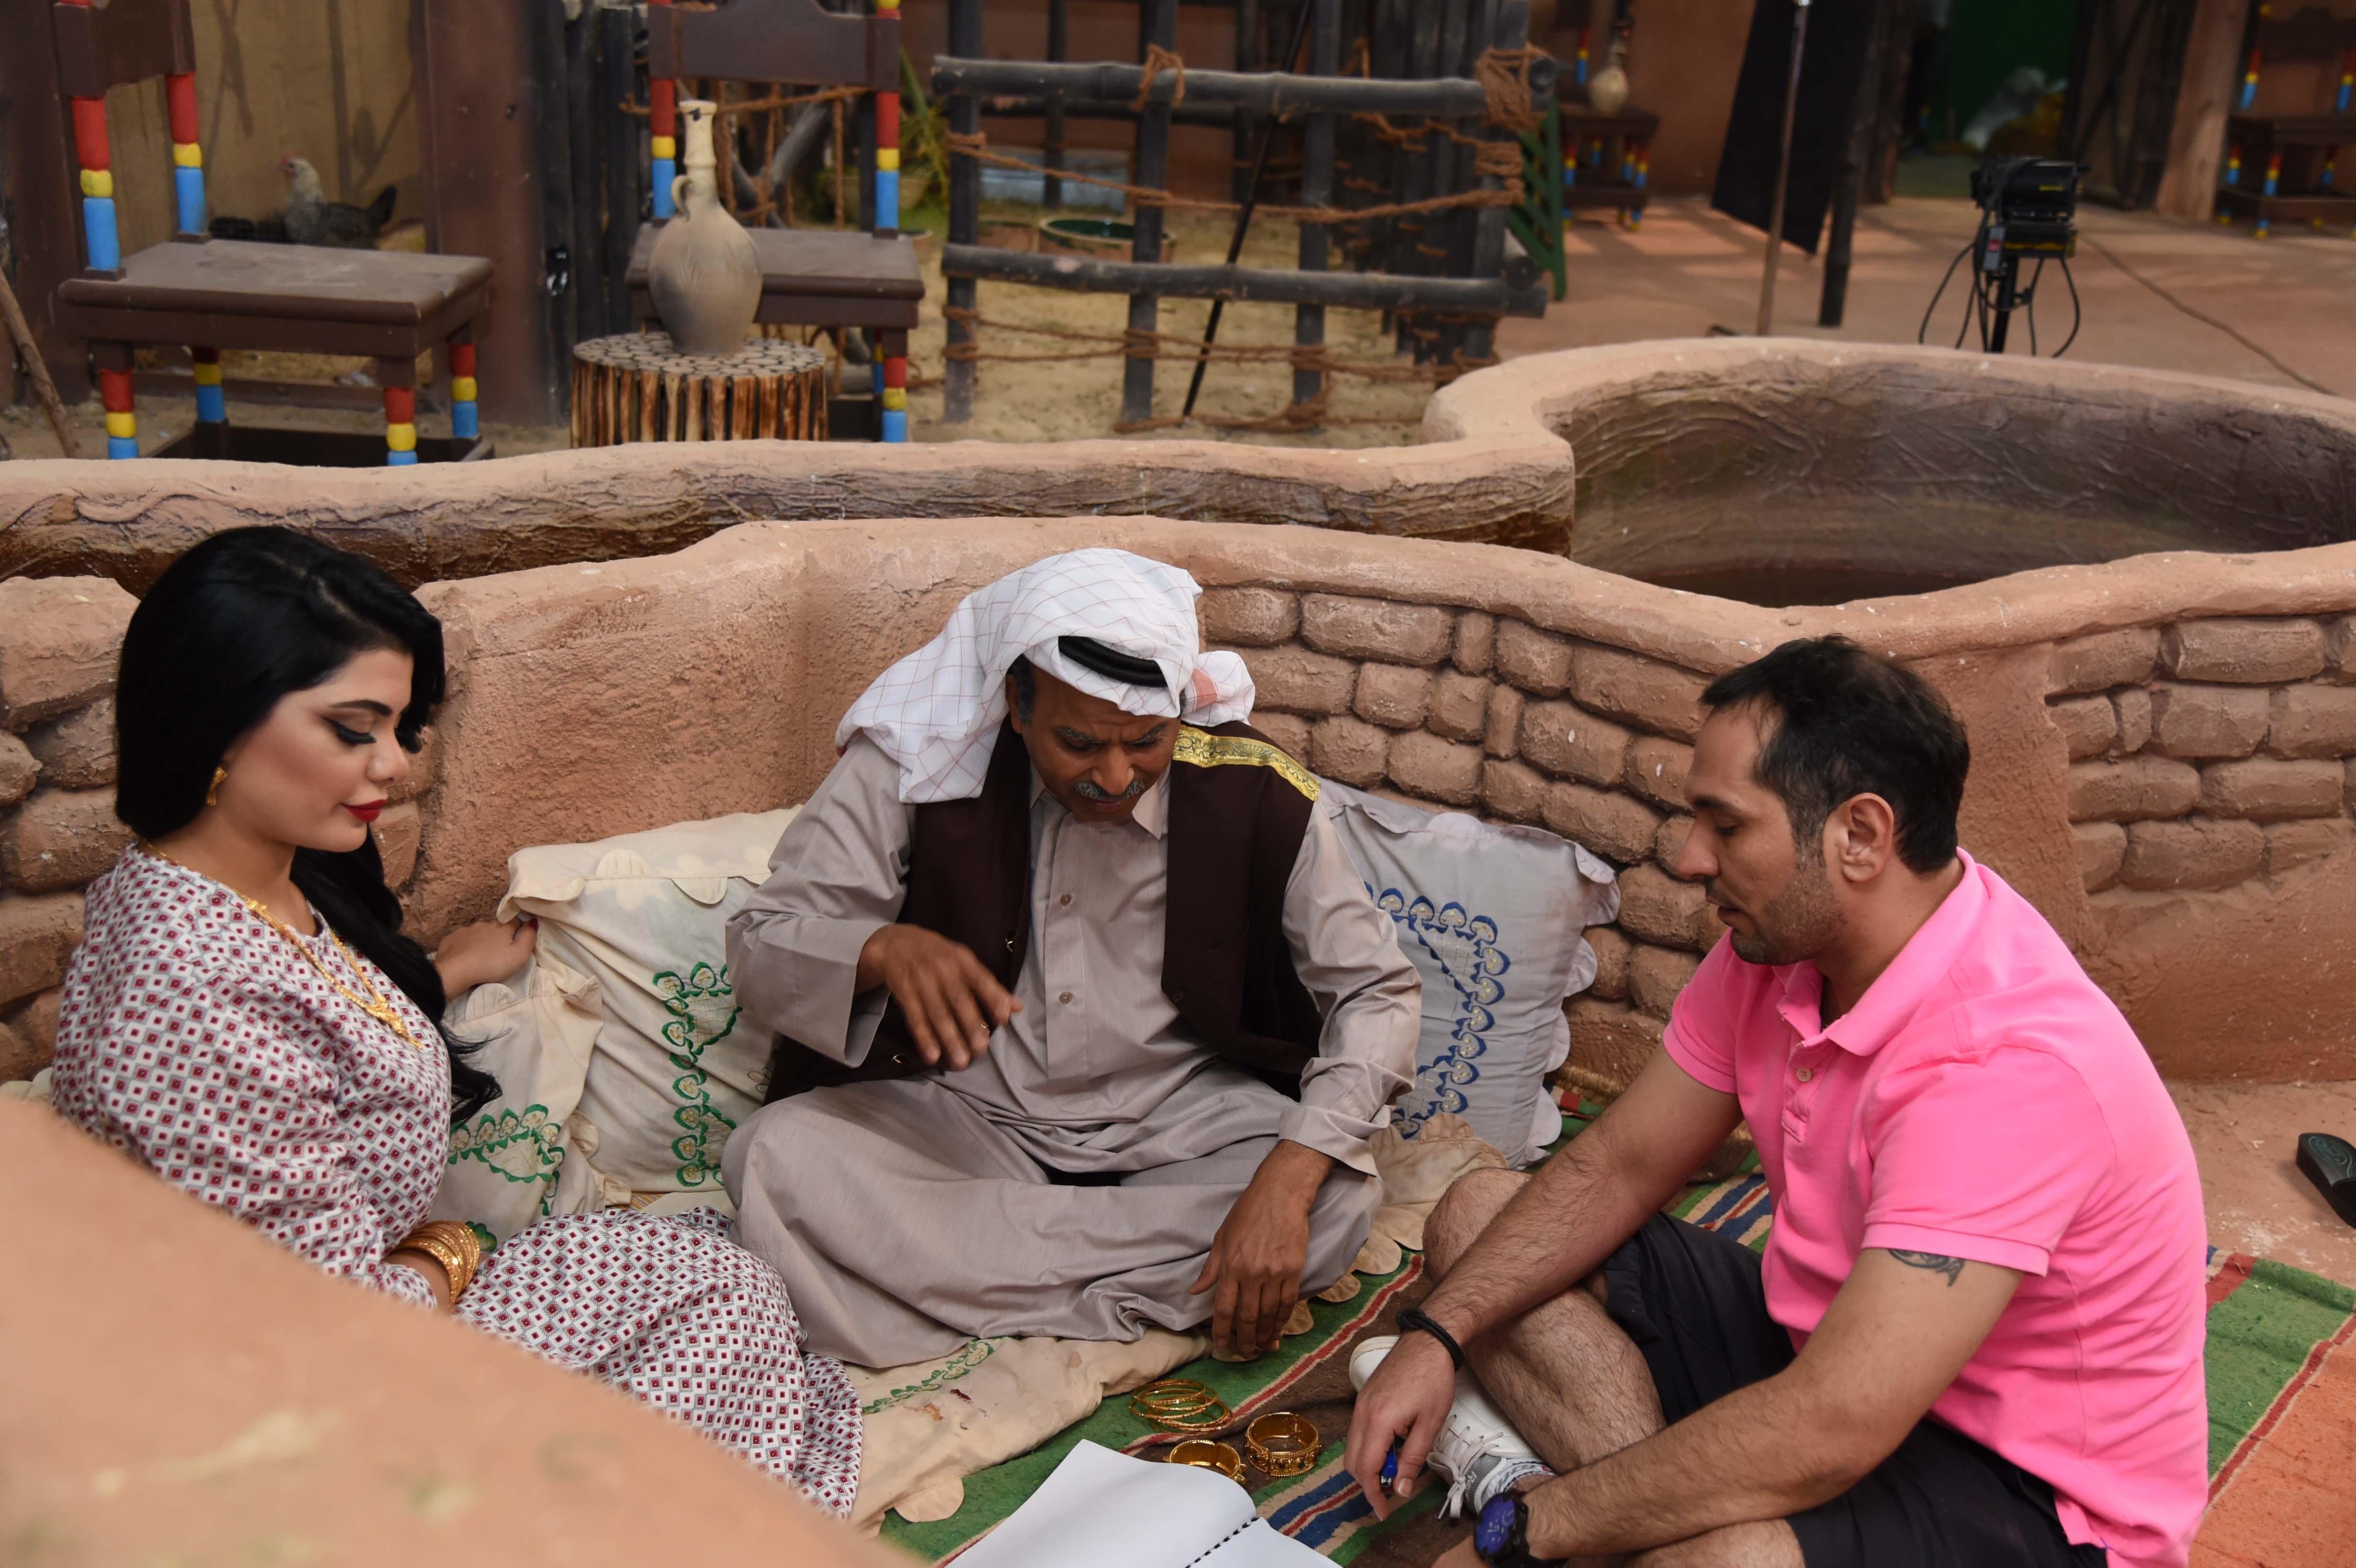 نعمان حسين وطارق العلي والاماراتية عاليا الشمري في الفصلة